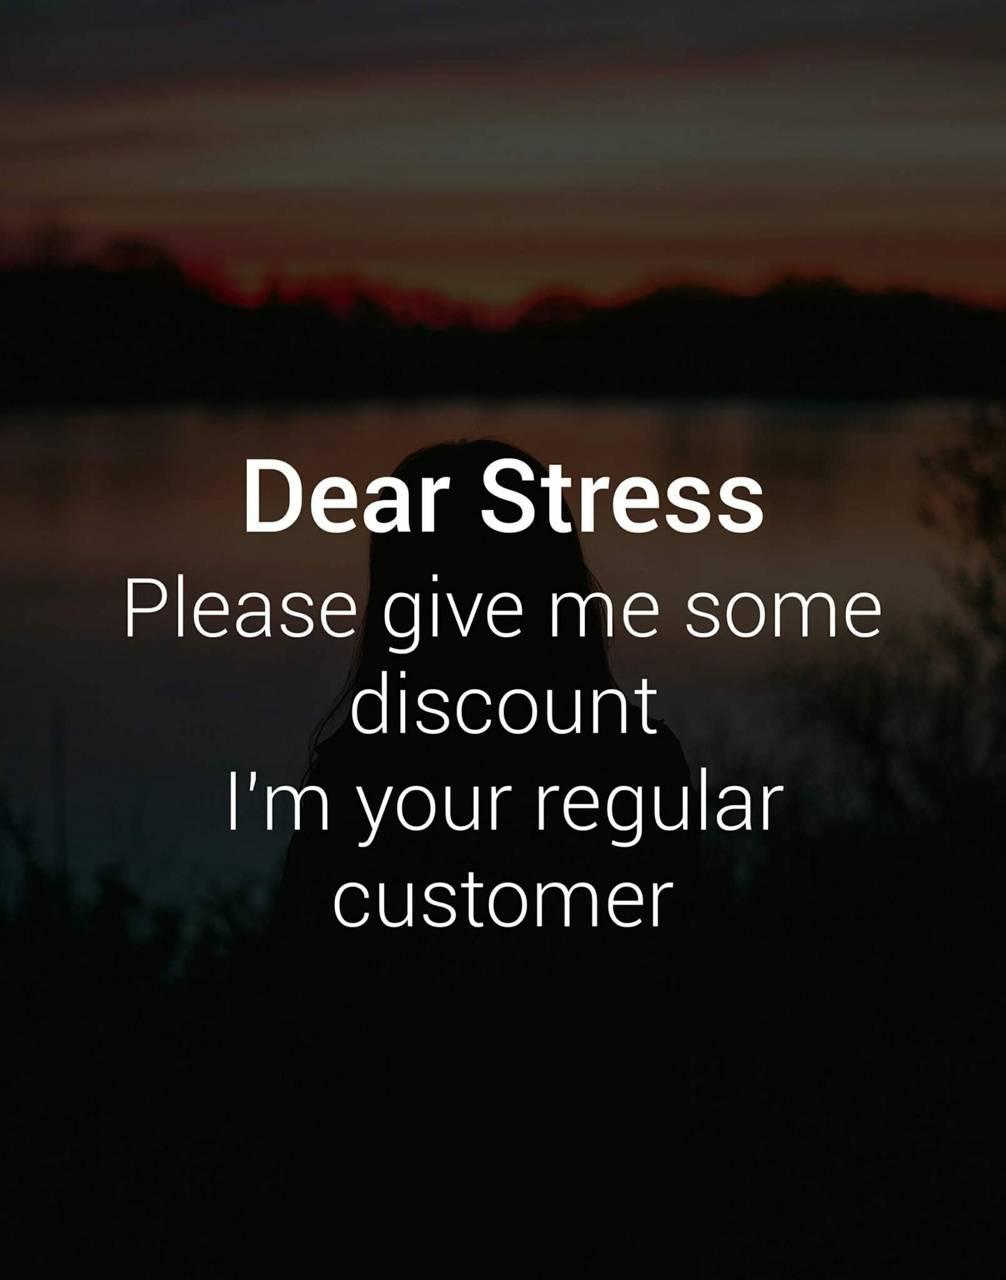 Dear stress